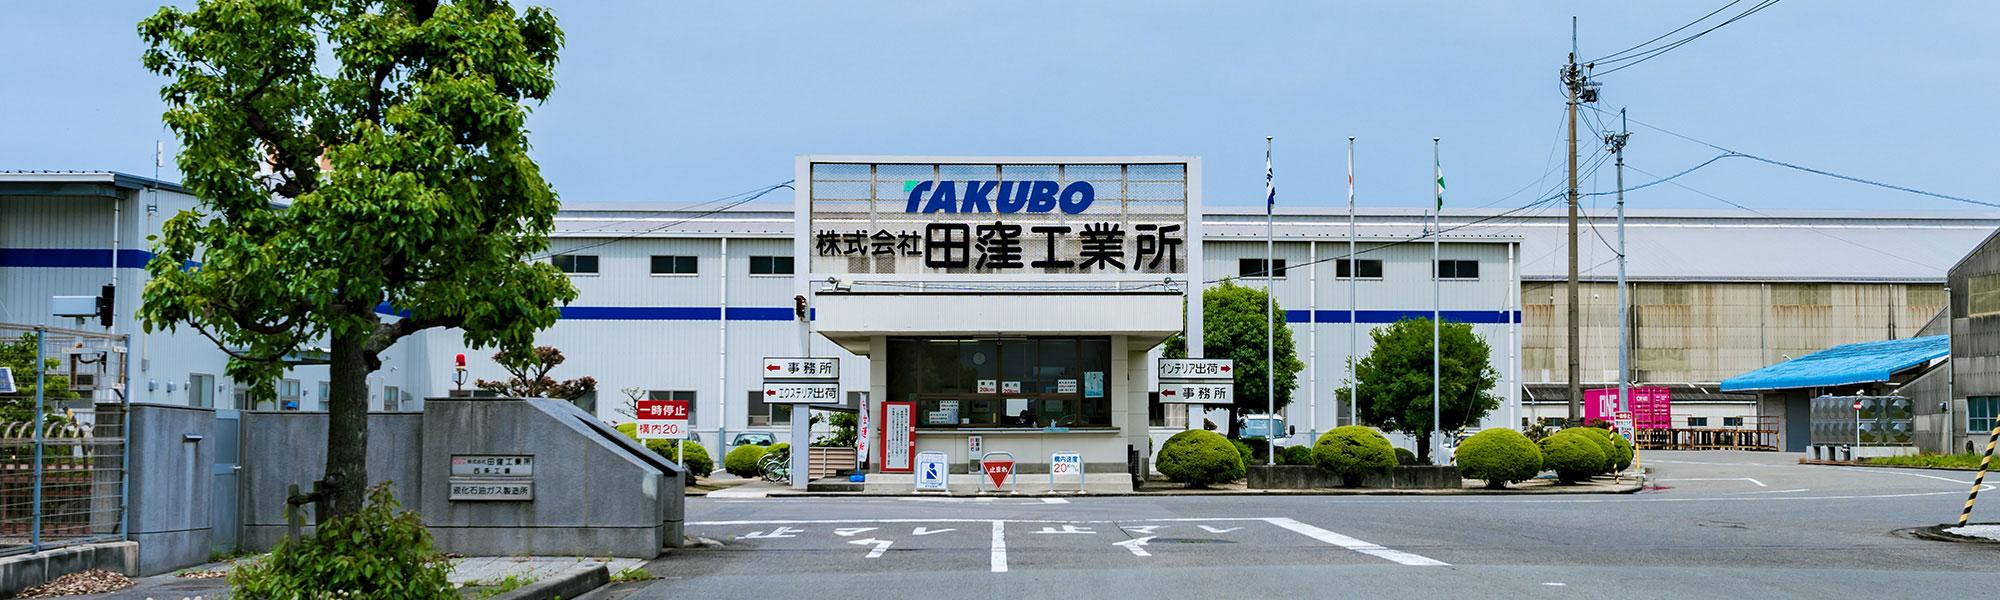 田窪工業所のビジョン